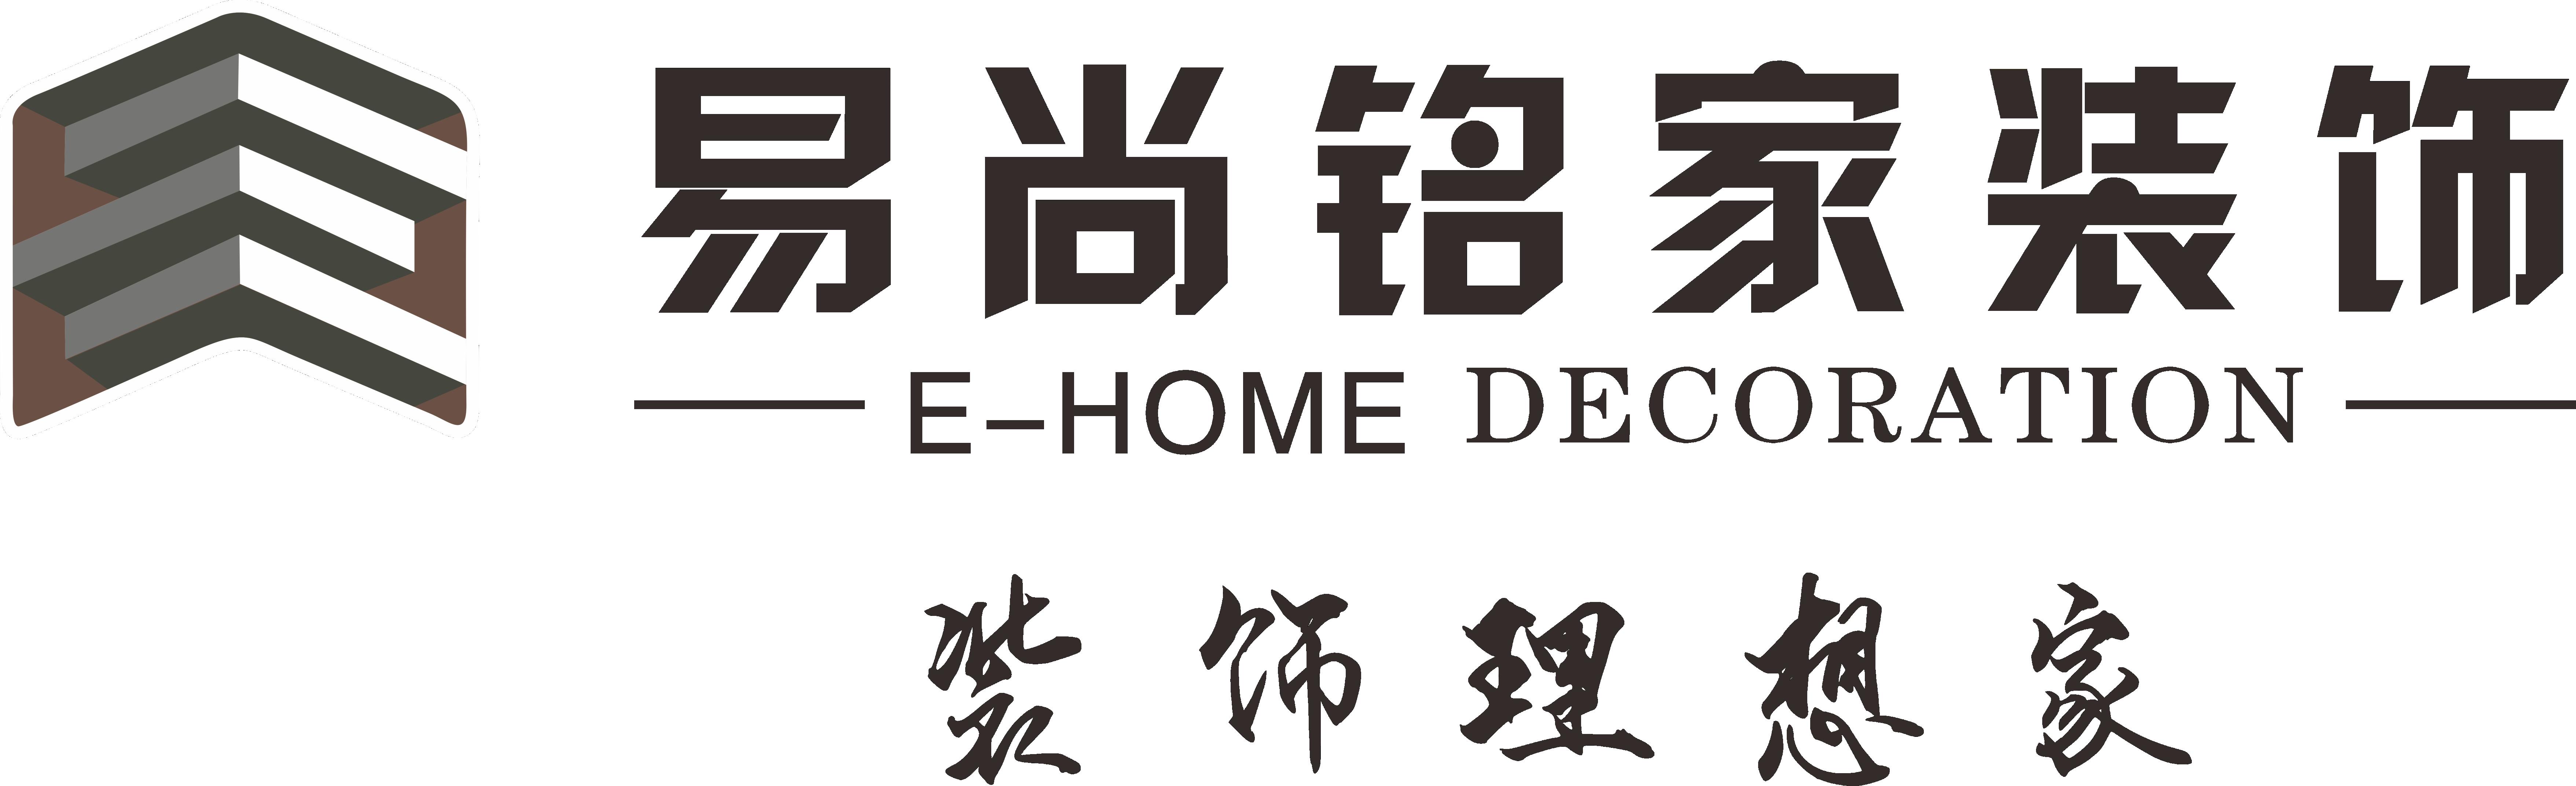 台州市易尚铭家装饰工程有限公司